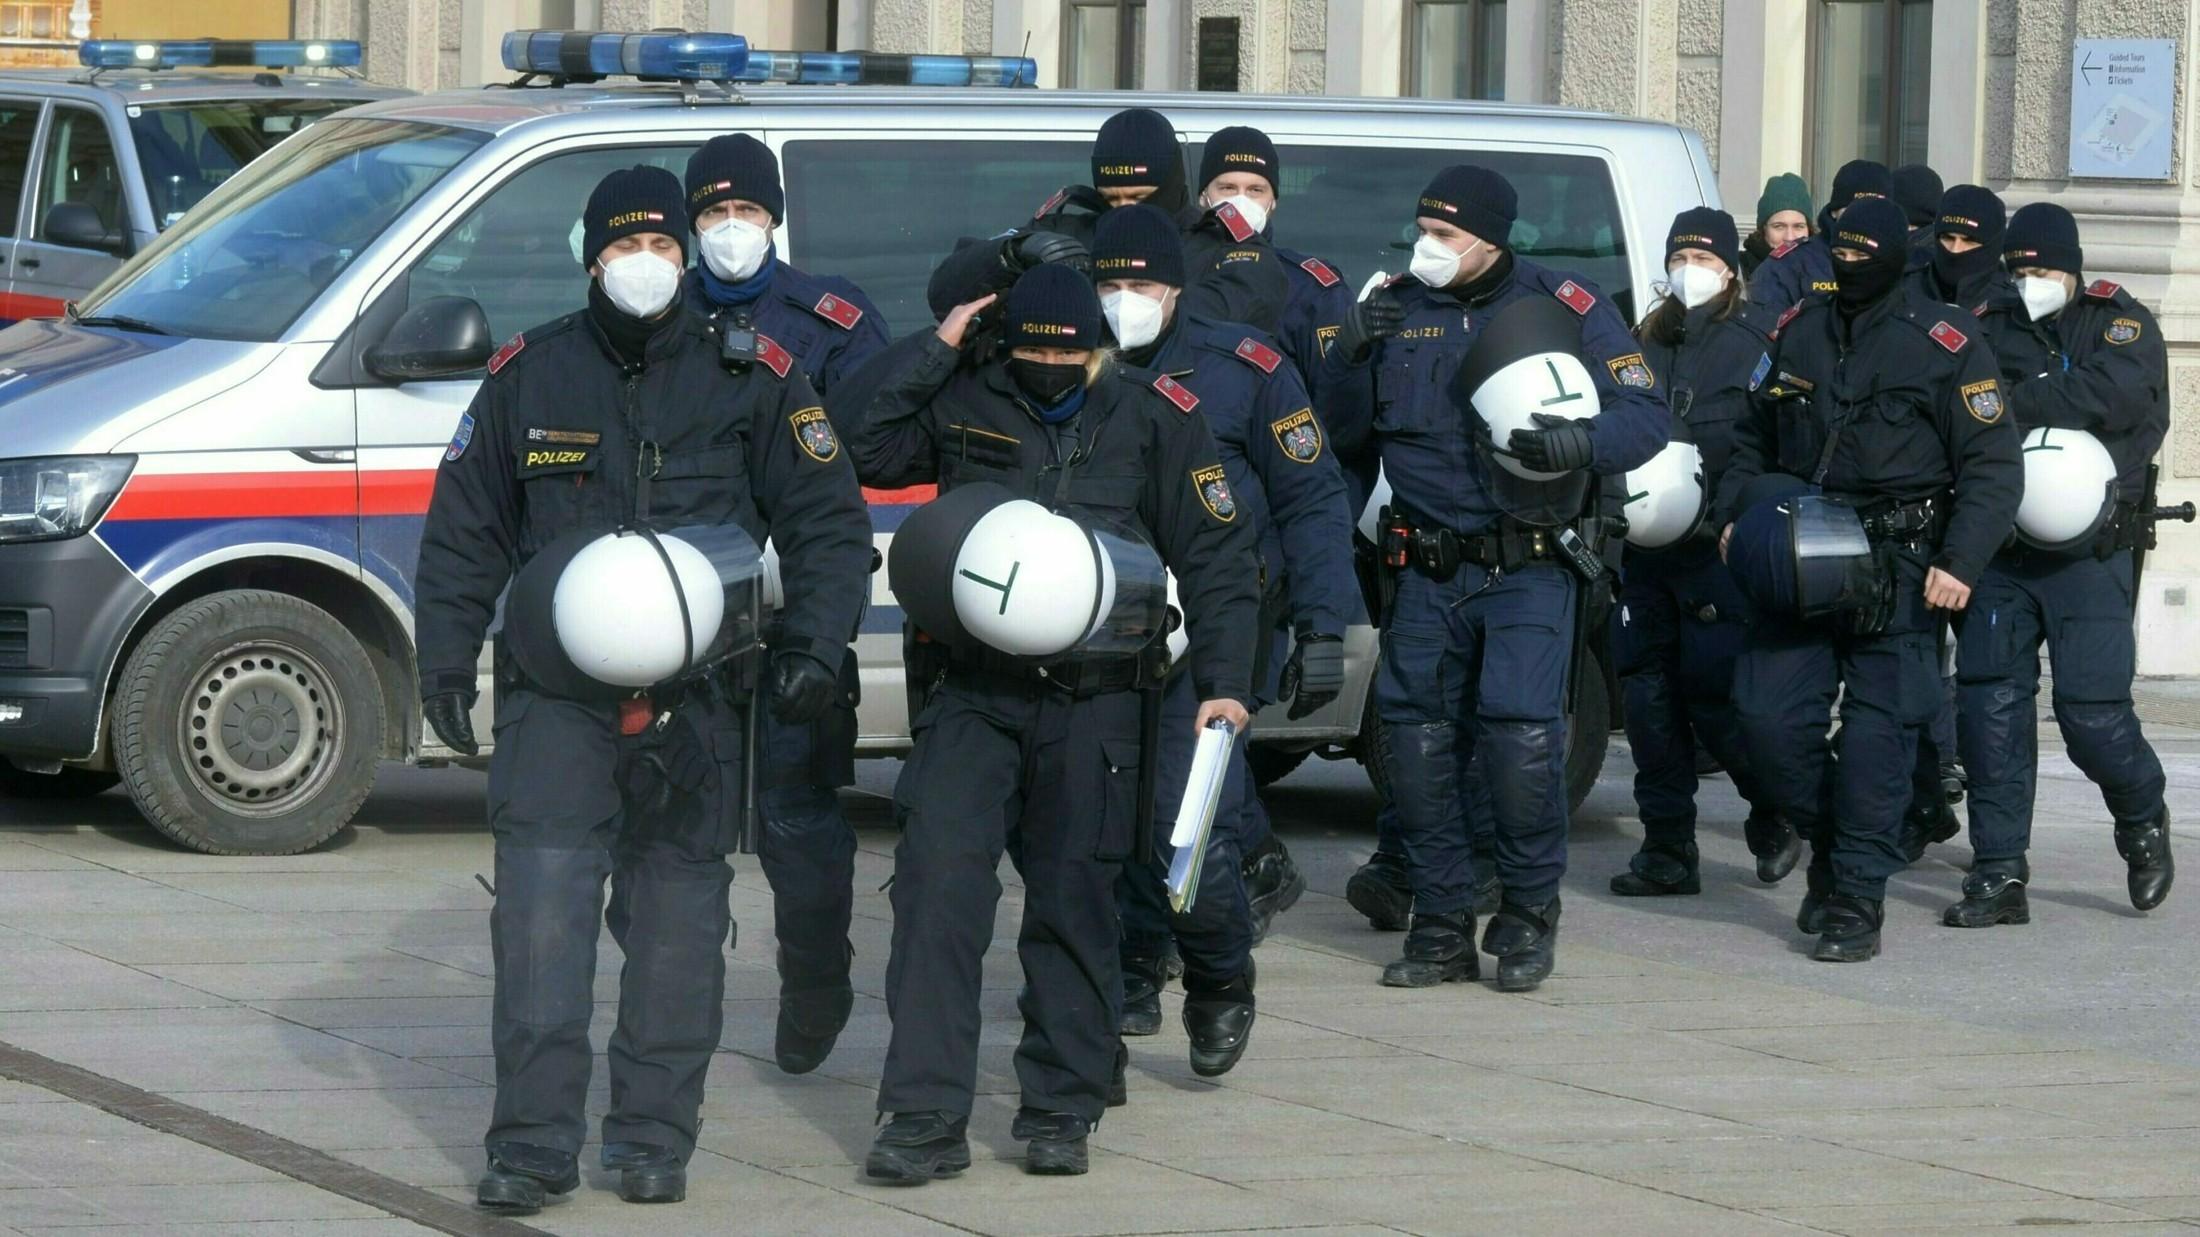 Mit polizisten zusammenleben einem Luzerner Korps